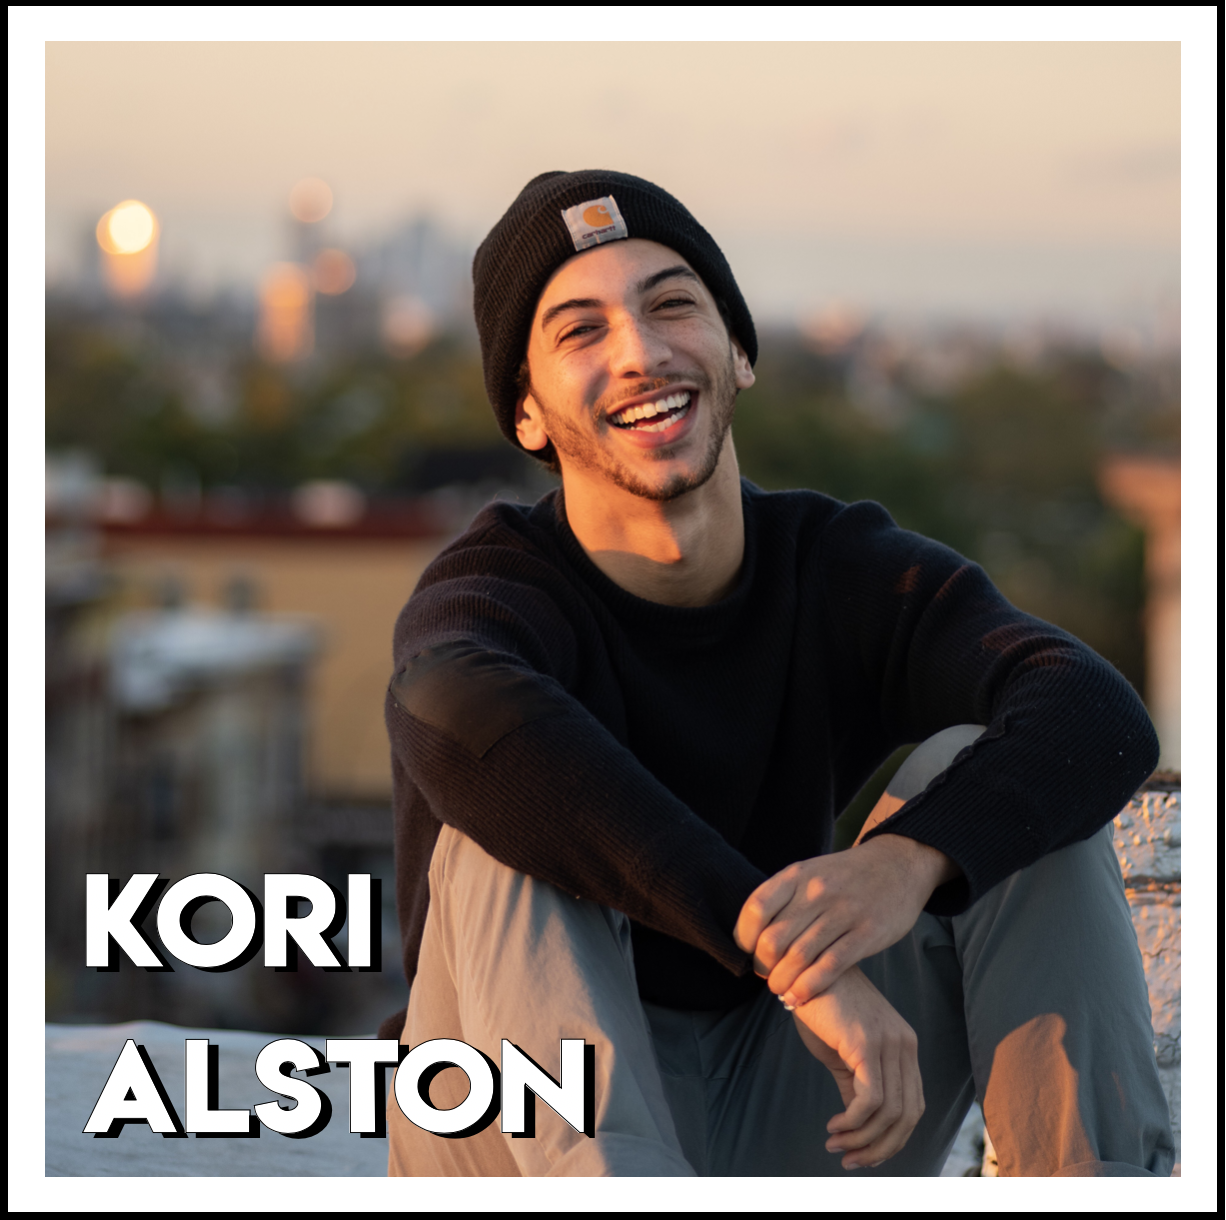 Kori Alston